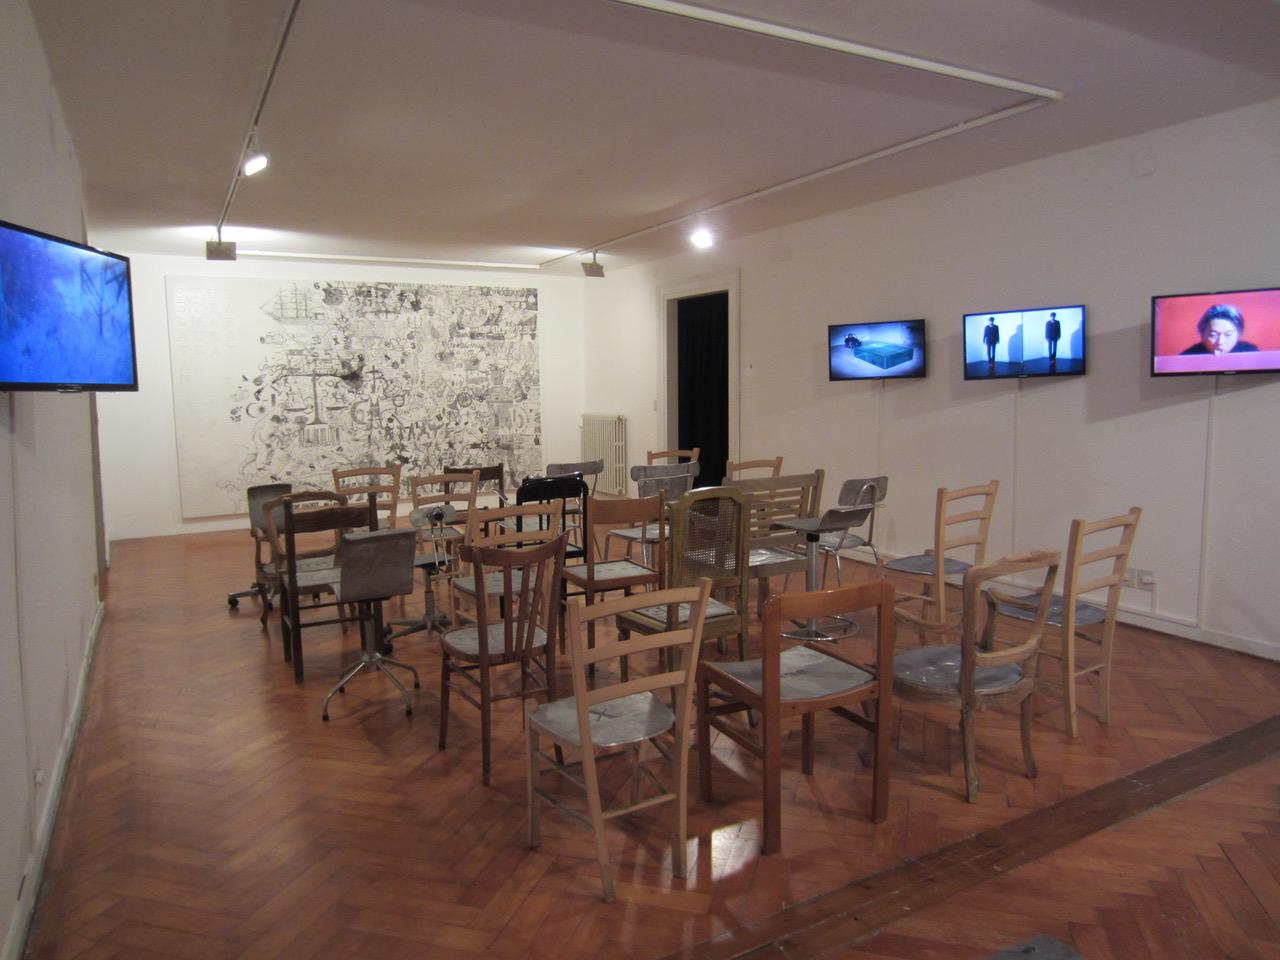 H.H. Lim, Padiglione Malesia, Biennale di Venezia 2019